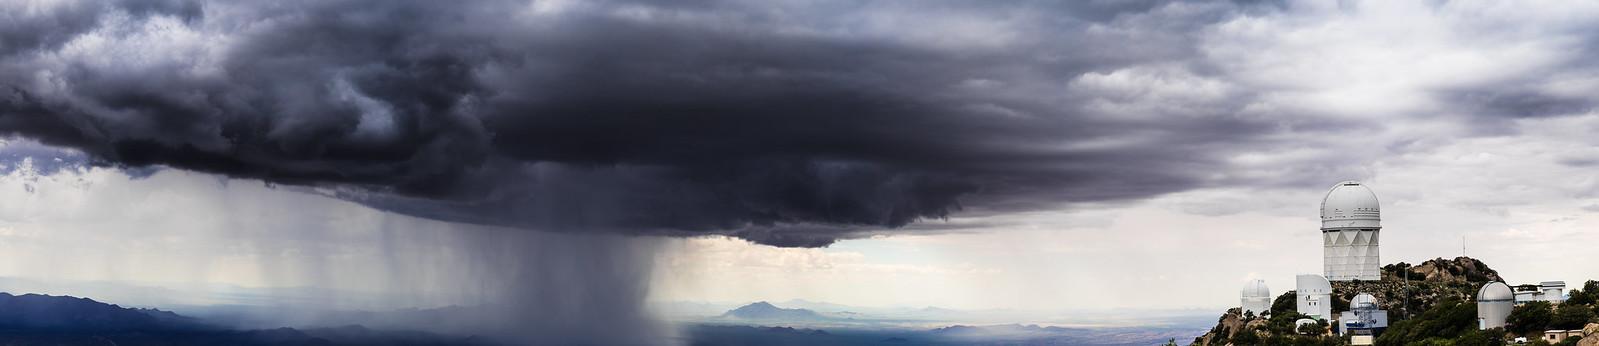 Storm Clouds approach Kitt Peak